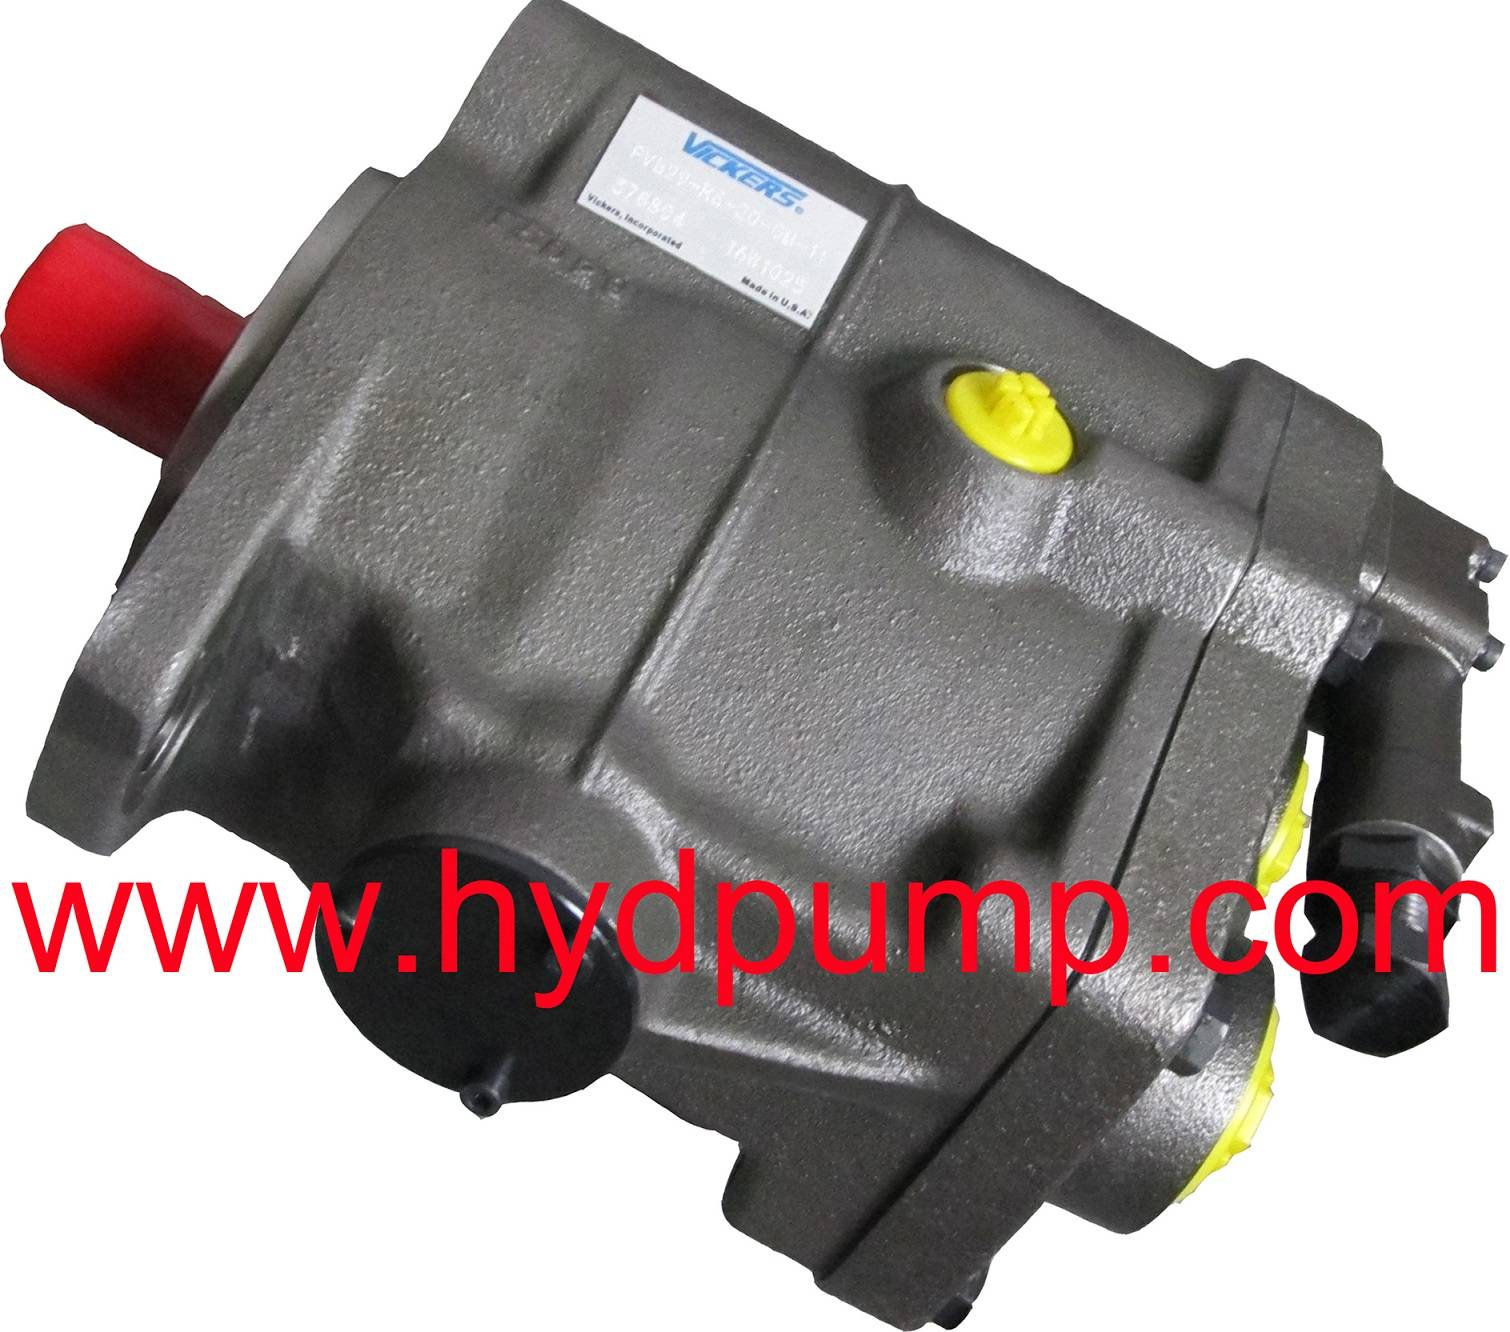 vickers hydraulic piston vickers hydraulic piston pump motor pvb of pvb5, pvb6, pvb10, pvb15